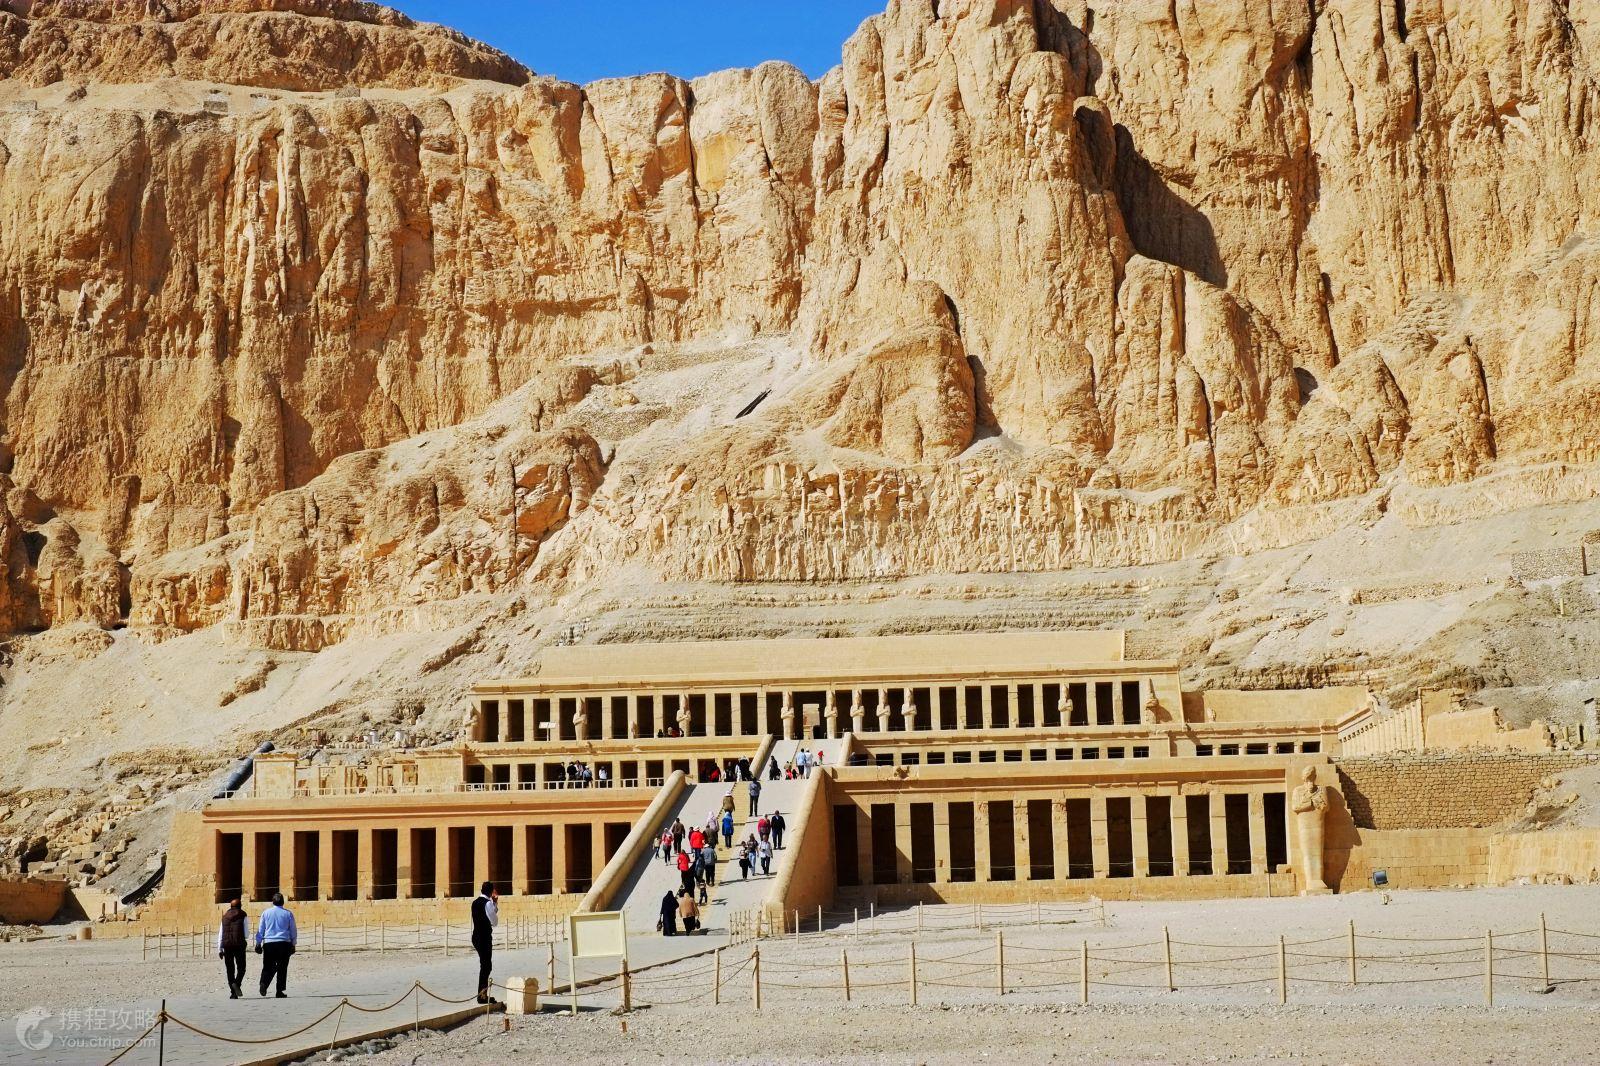 金字塔,狮身人面像,风格各异的神庙宫殿